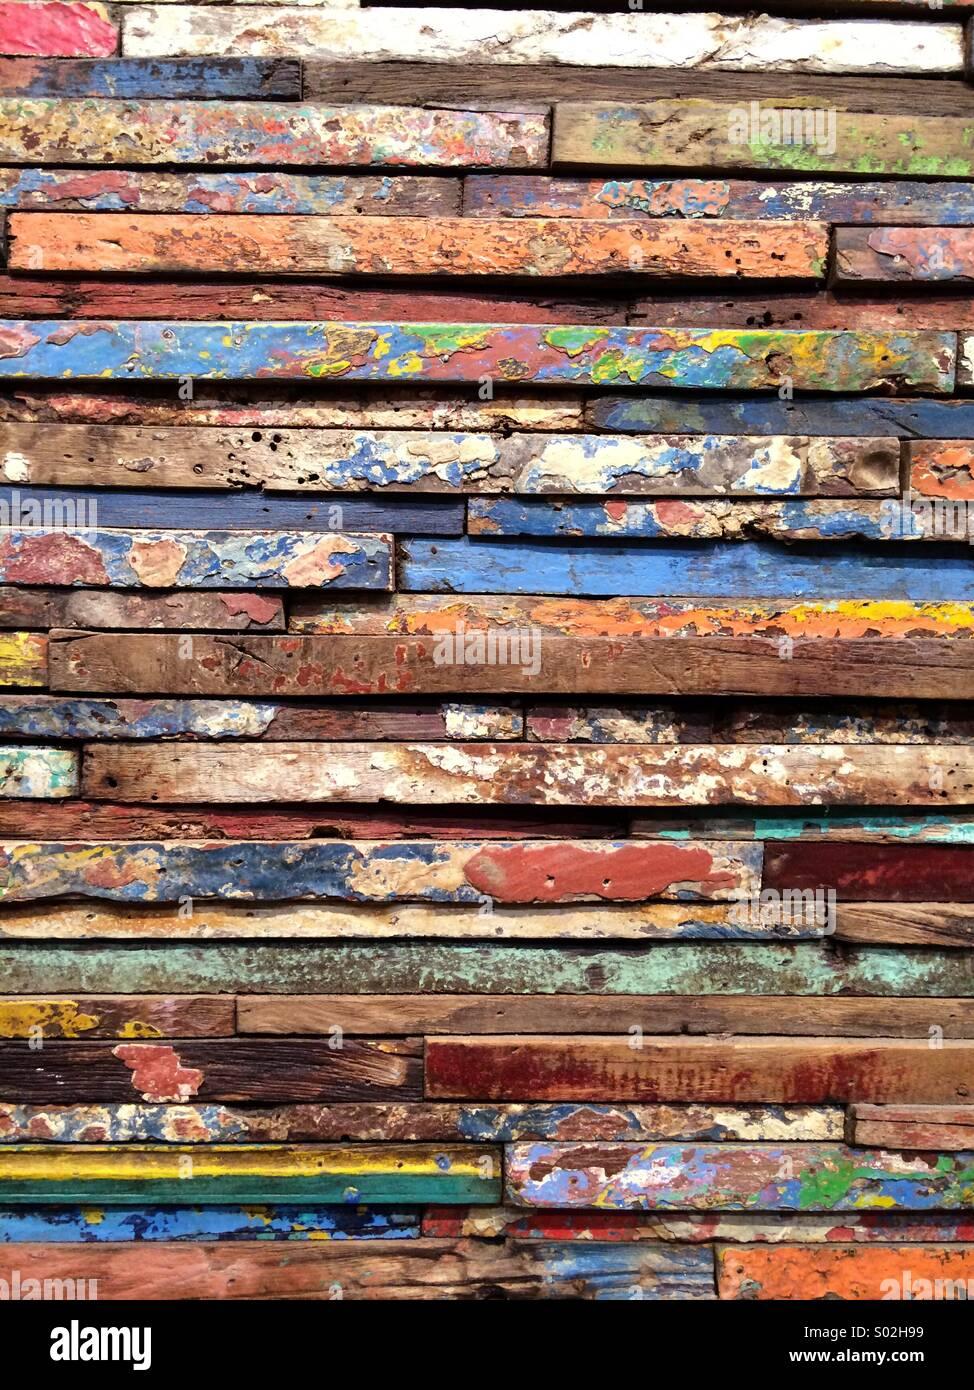 Reimpiegato infissi (verticale) è adesso usato come l'arte al muro Immagini Stock